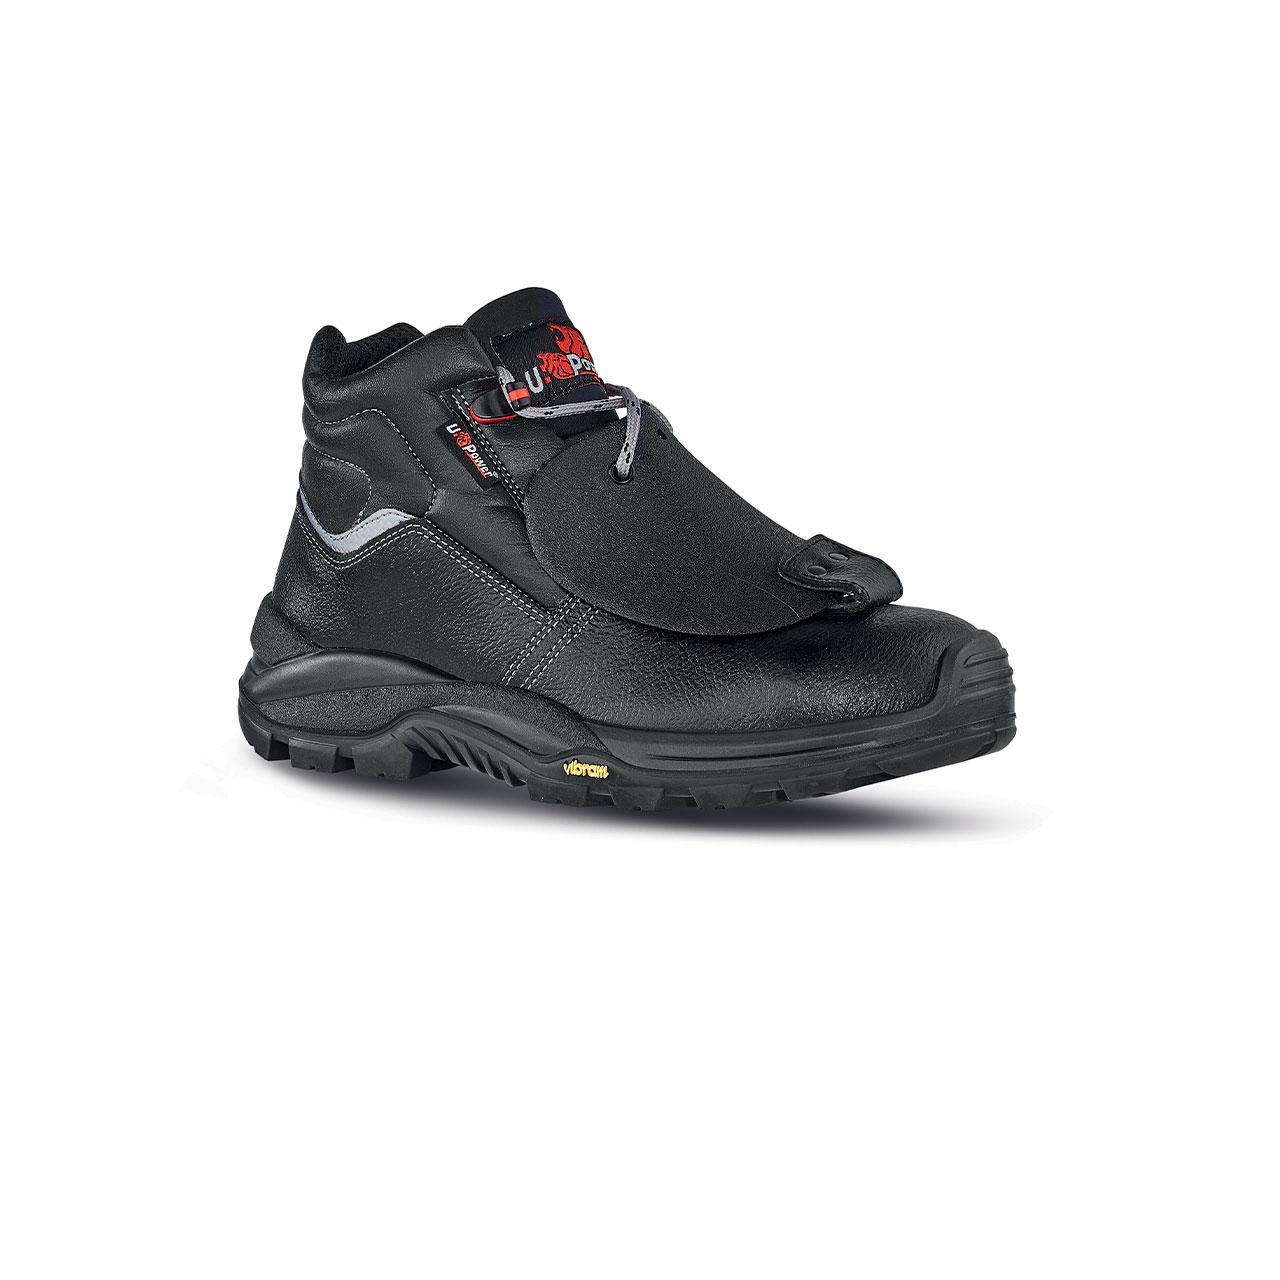 scarpa antinfortunistica upower modello depp linea USPECIAL vista laterale